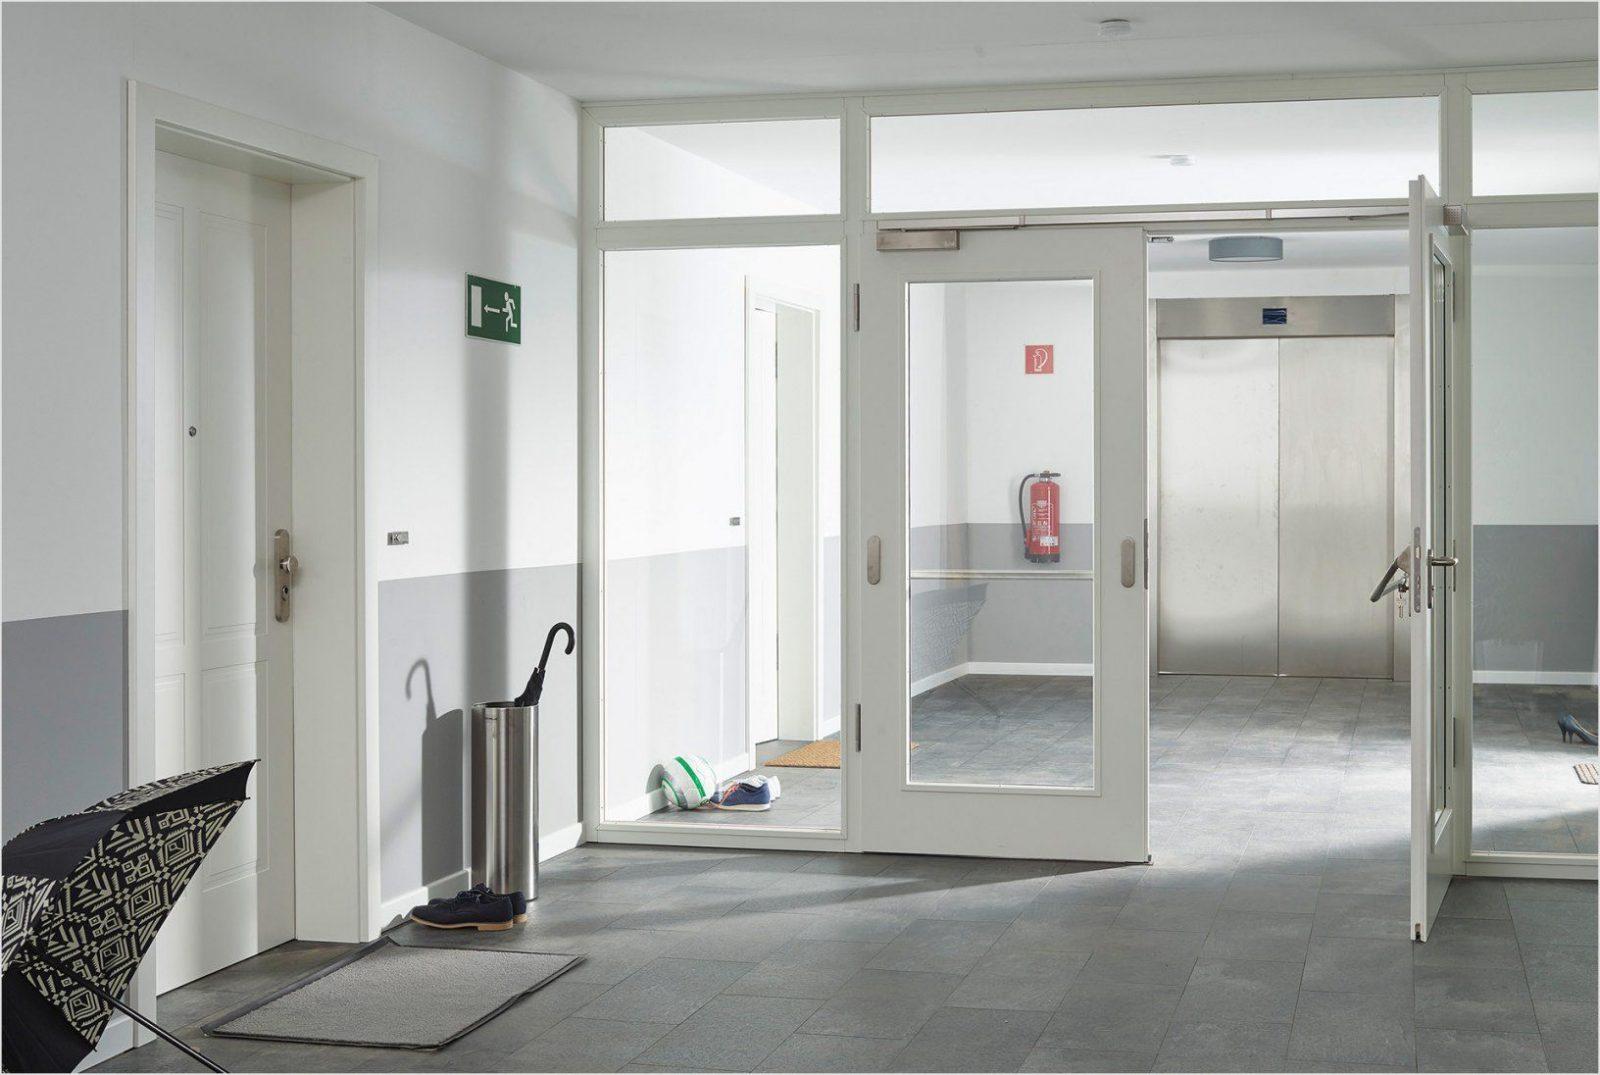 Dunklen Flur Heller Gestalten Mit Sahne Badezimmer Inspiration Und von Dunklen Flur Heller Gestalten Bild